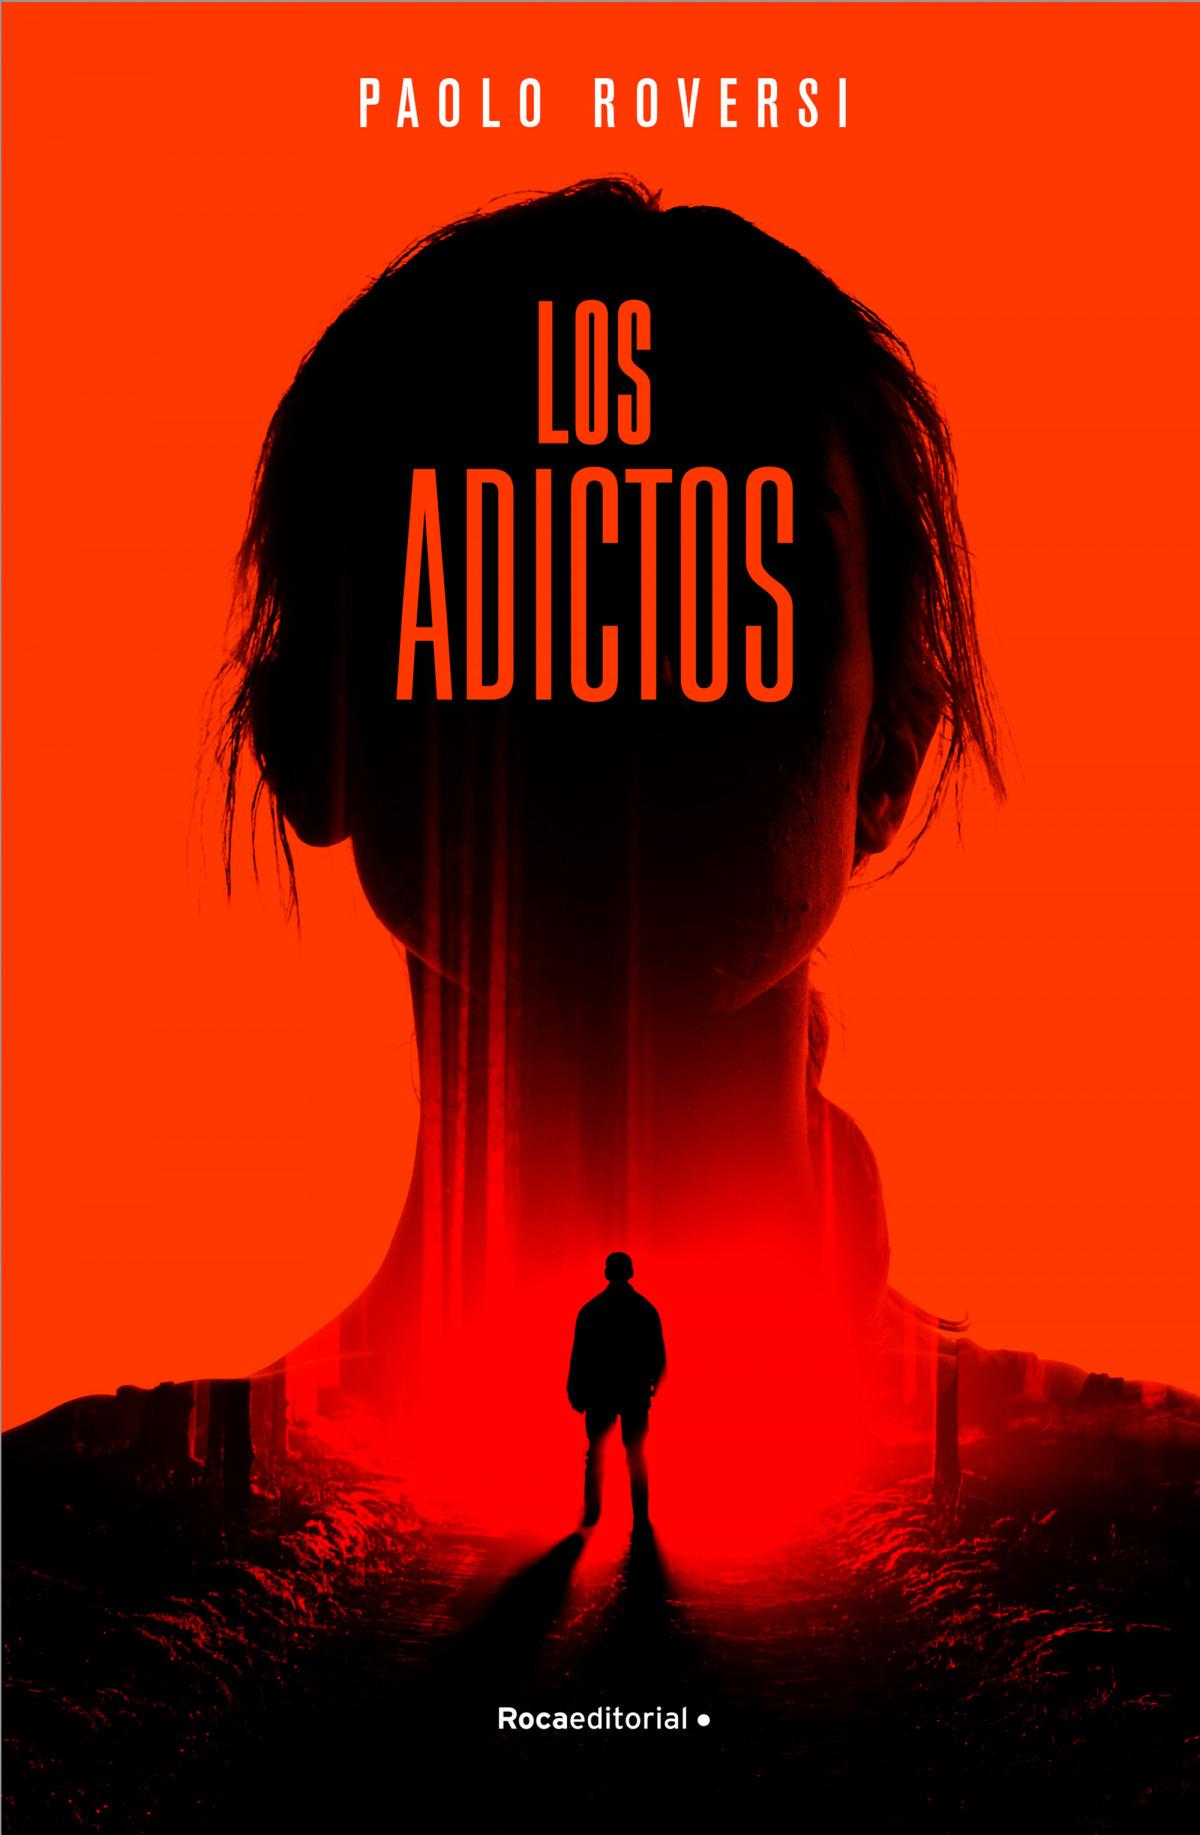 Los adictos